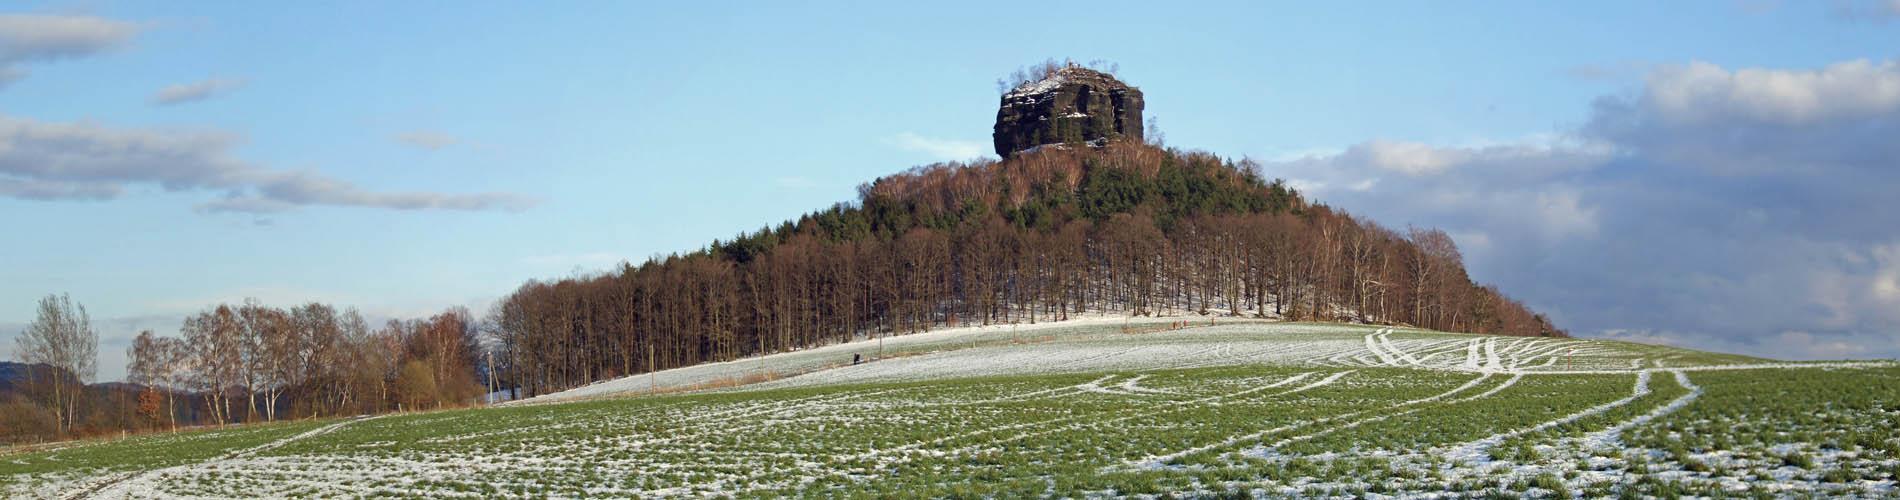 Reinhardtsdorf Schöna Zirkelstein Kaiserkrone